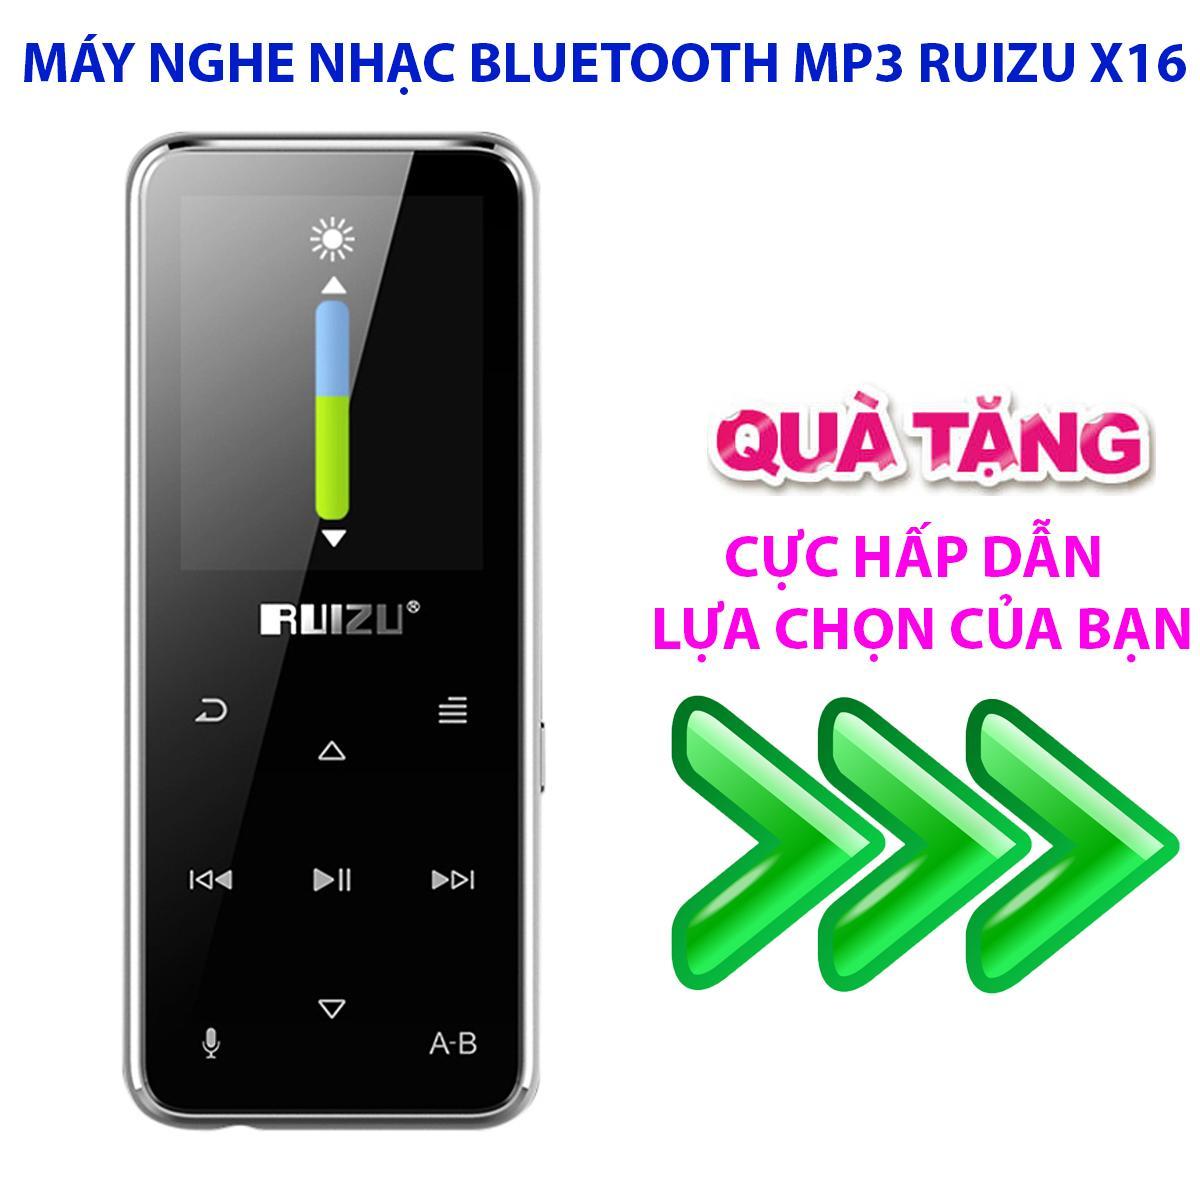 Máy Nghe Nhạc Kĩ Thuật Số Mp3 Bluetooth RUIZU X16 (8GB)